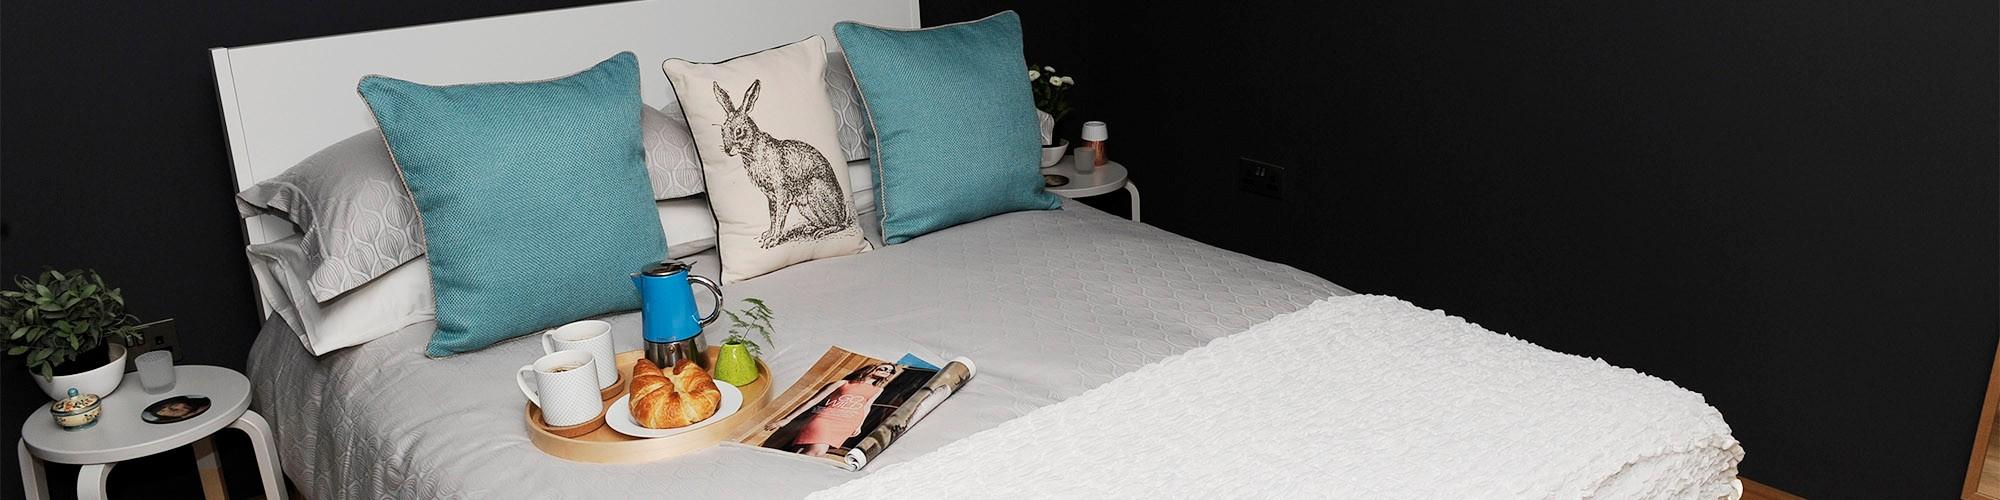 bedroom-6726